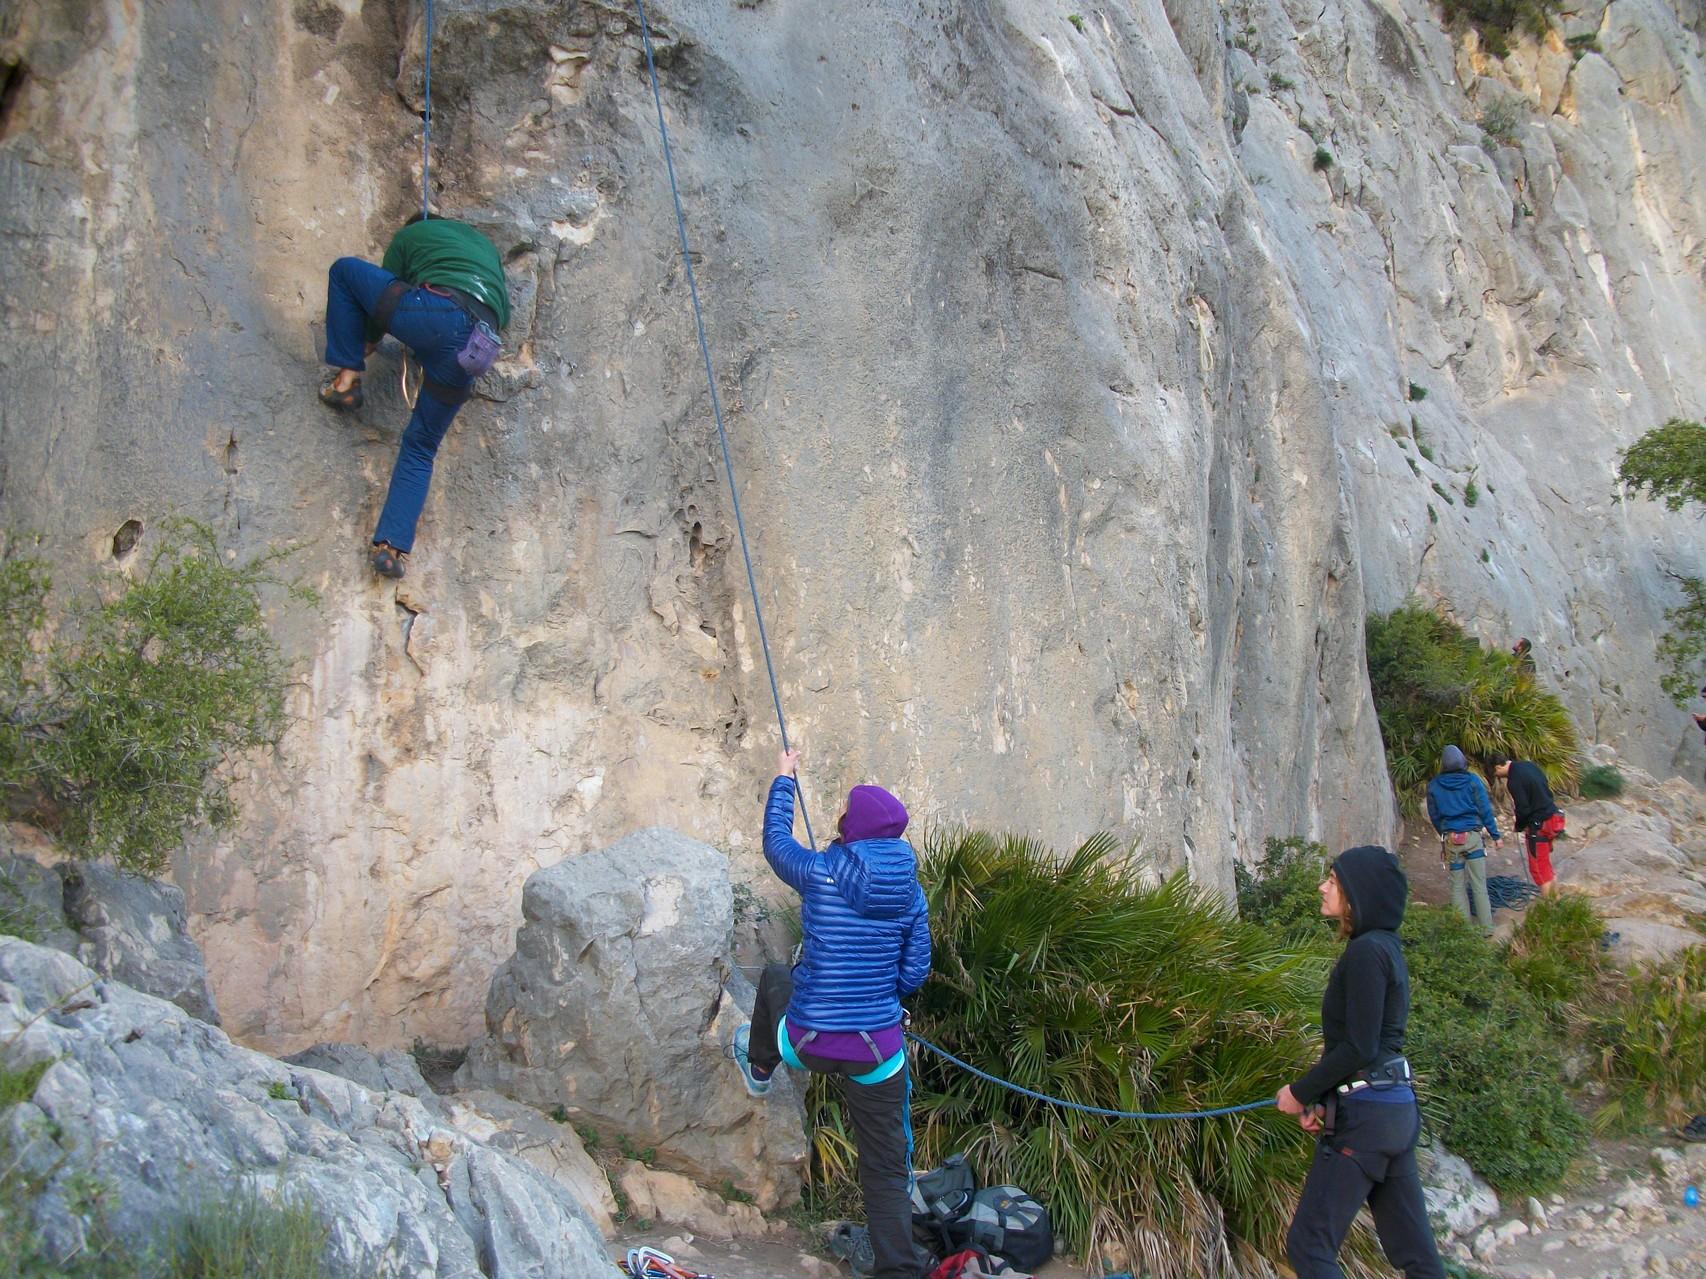 Kletterausrüstung München : Outdoor kletterkurs bei münchen klettern draußen am fels tact